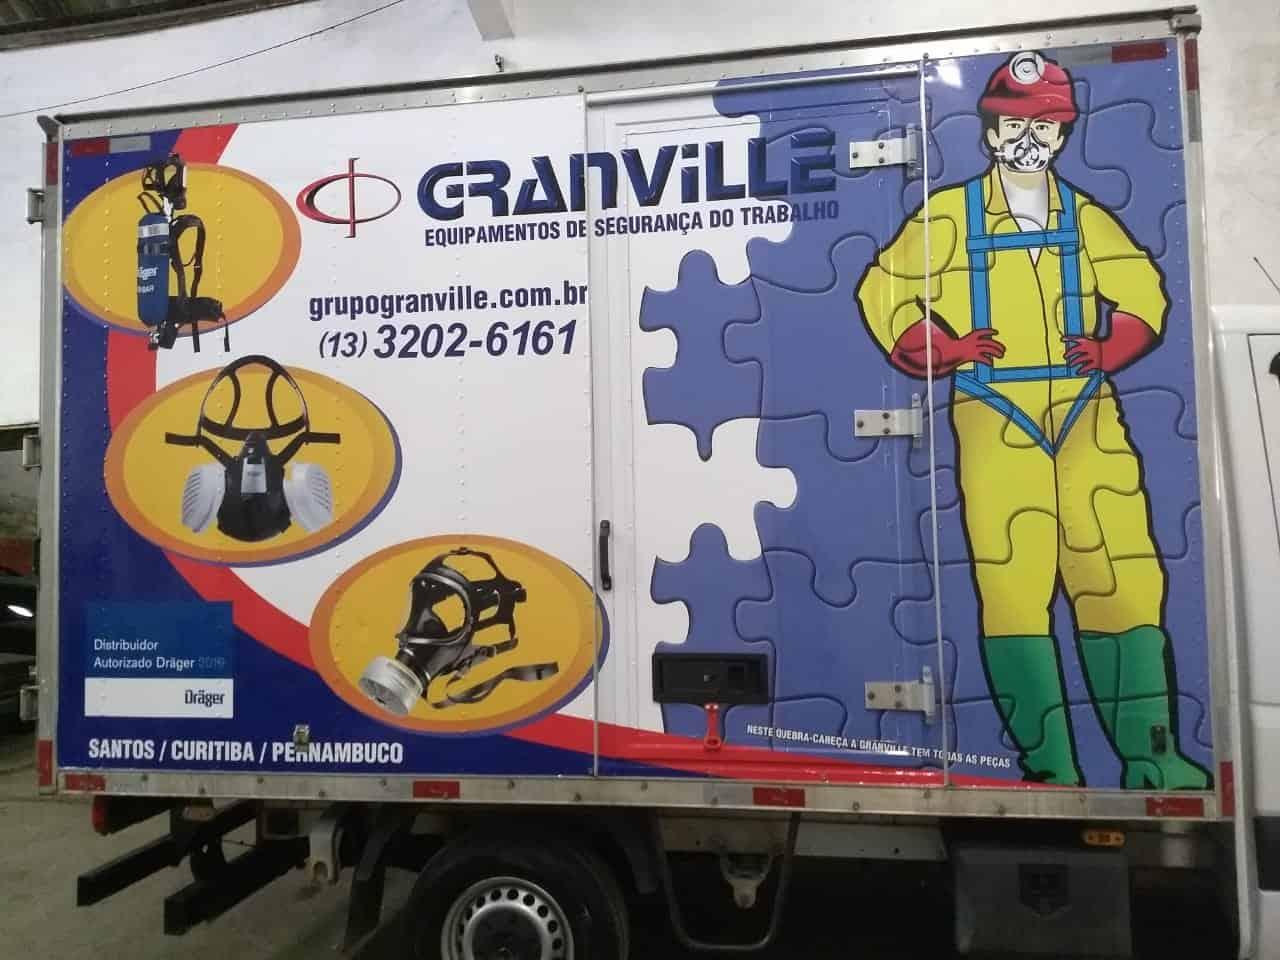 Caminhões | Granville